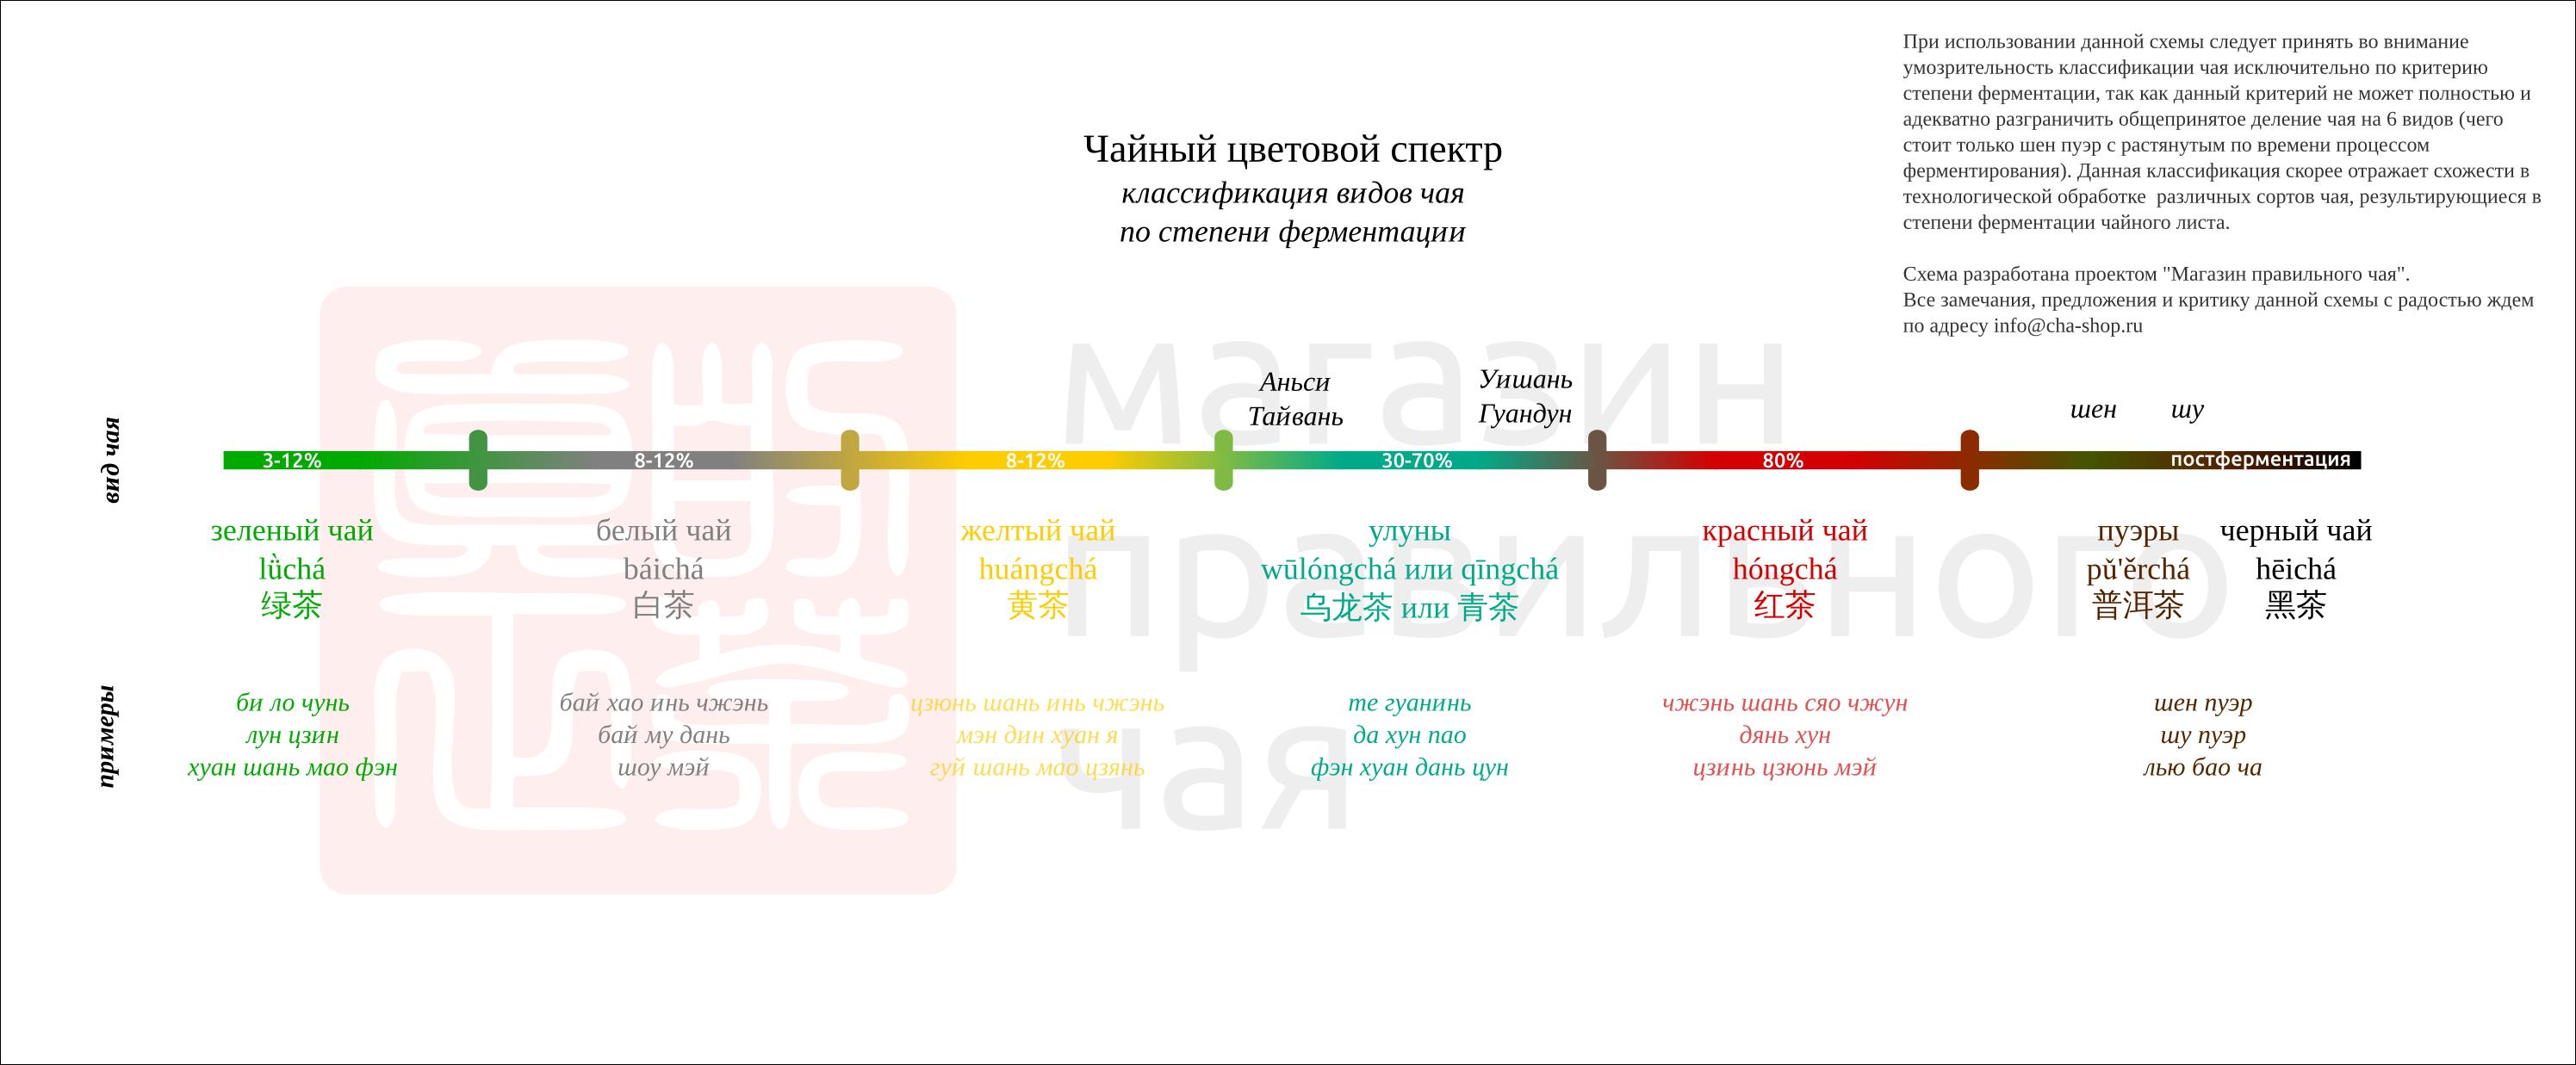 Чайный цветовой спектр